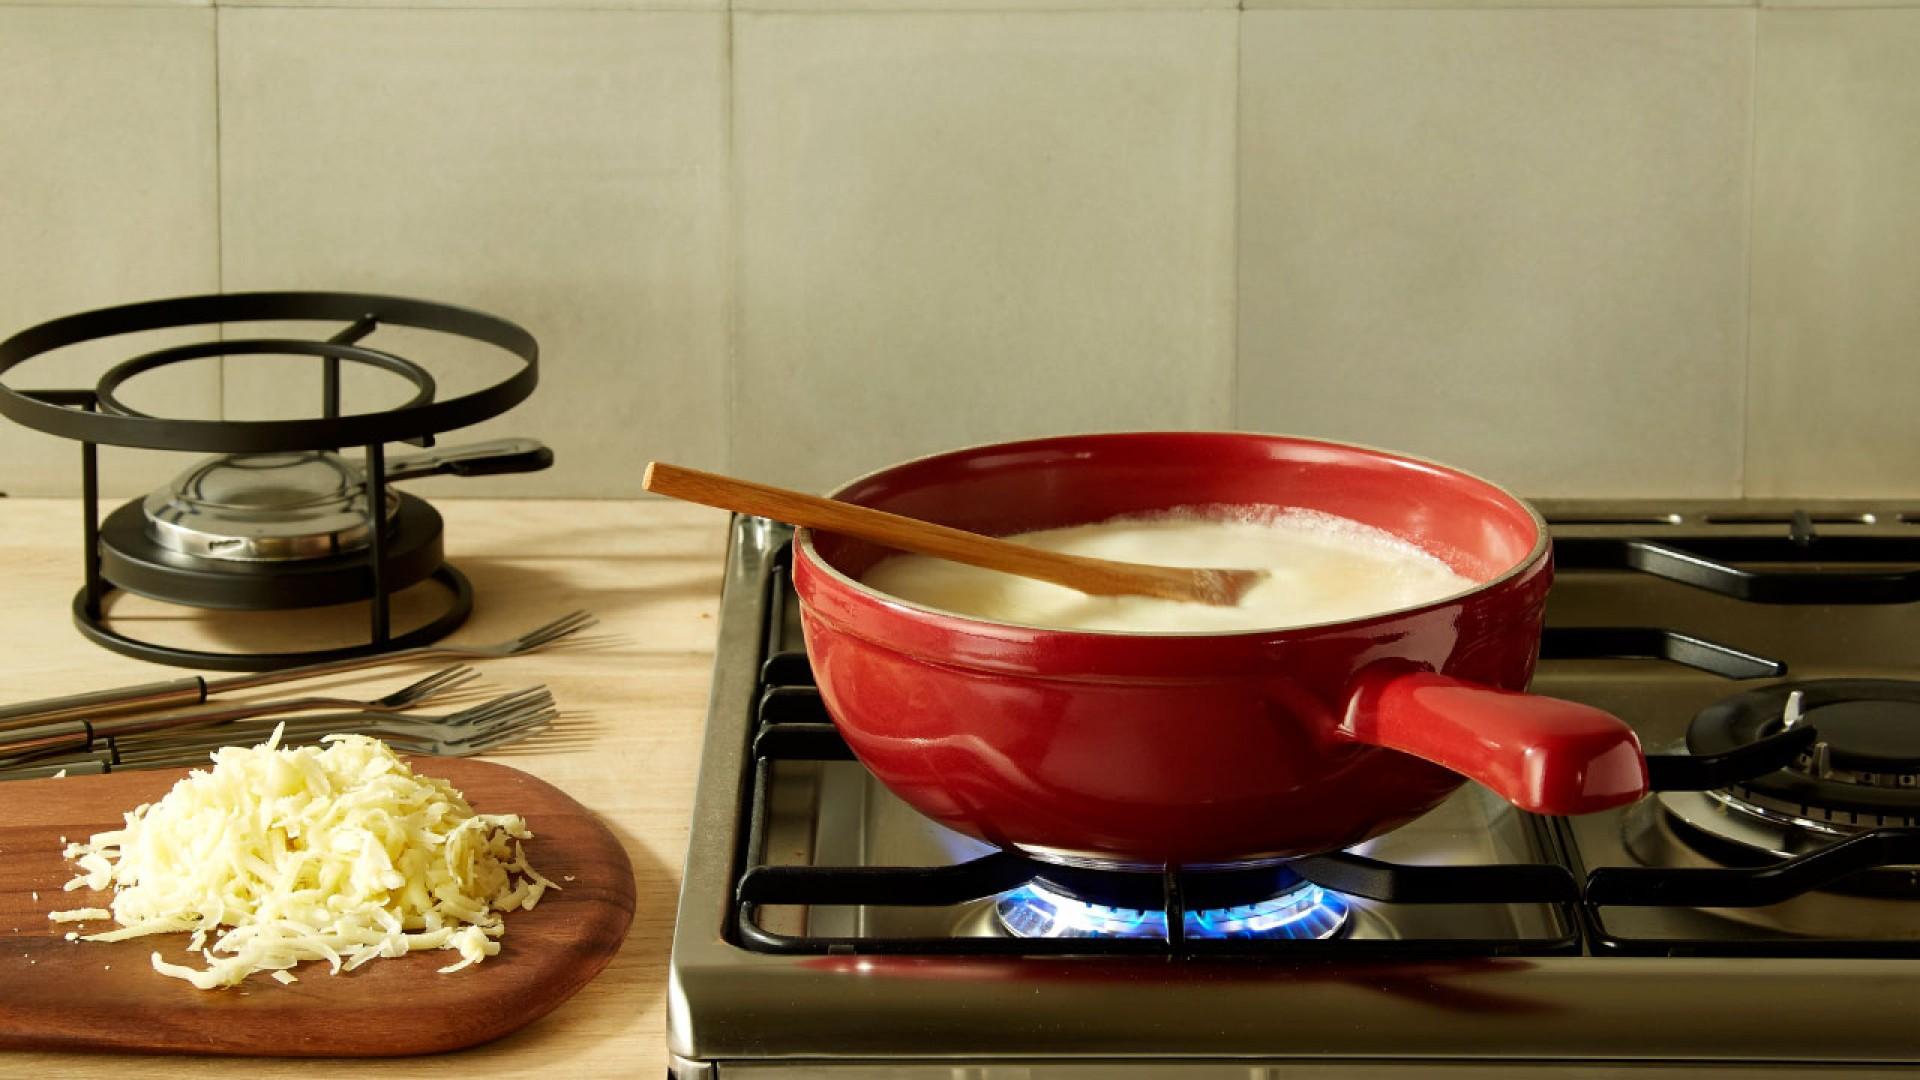 Le set fondue